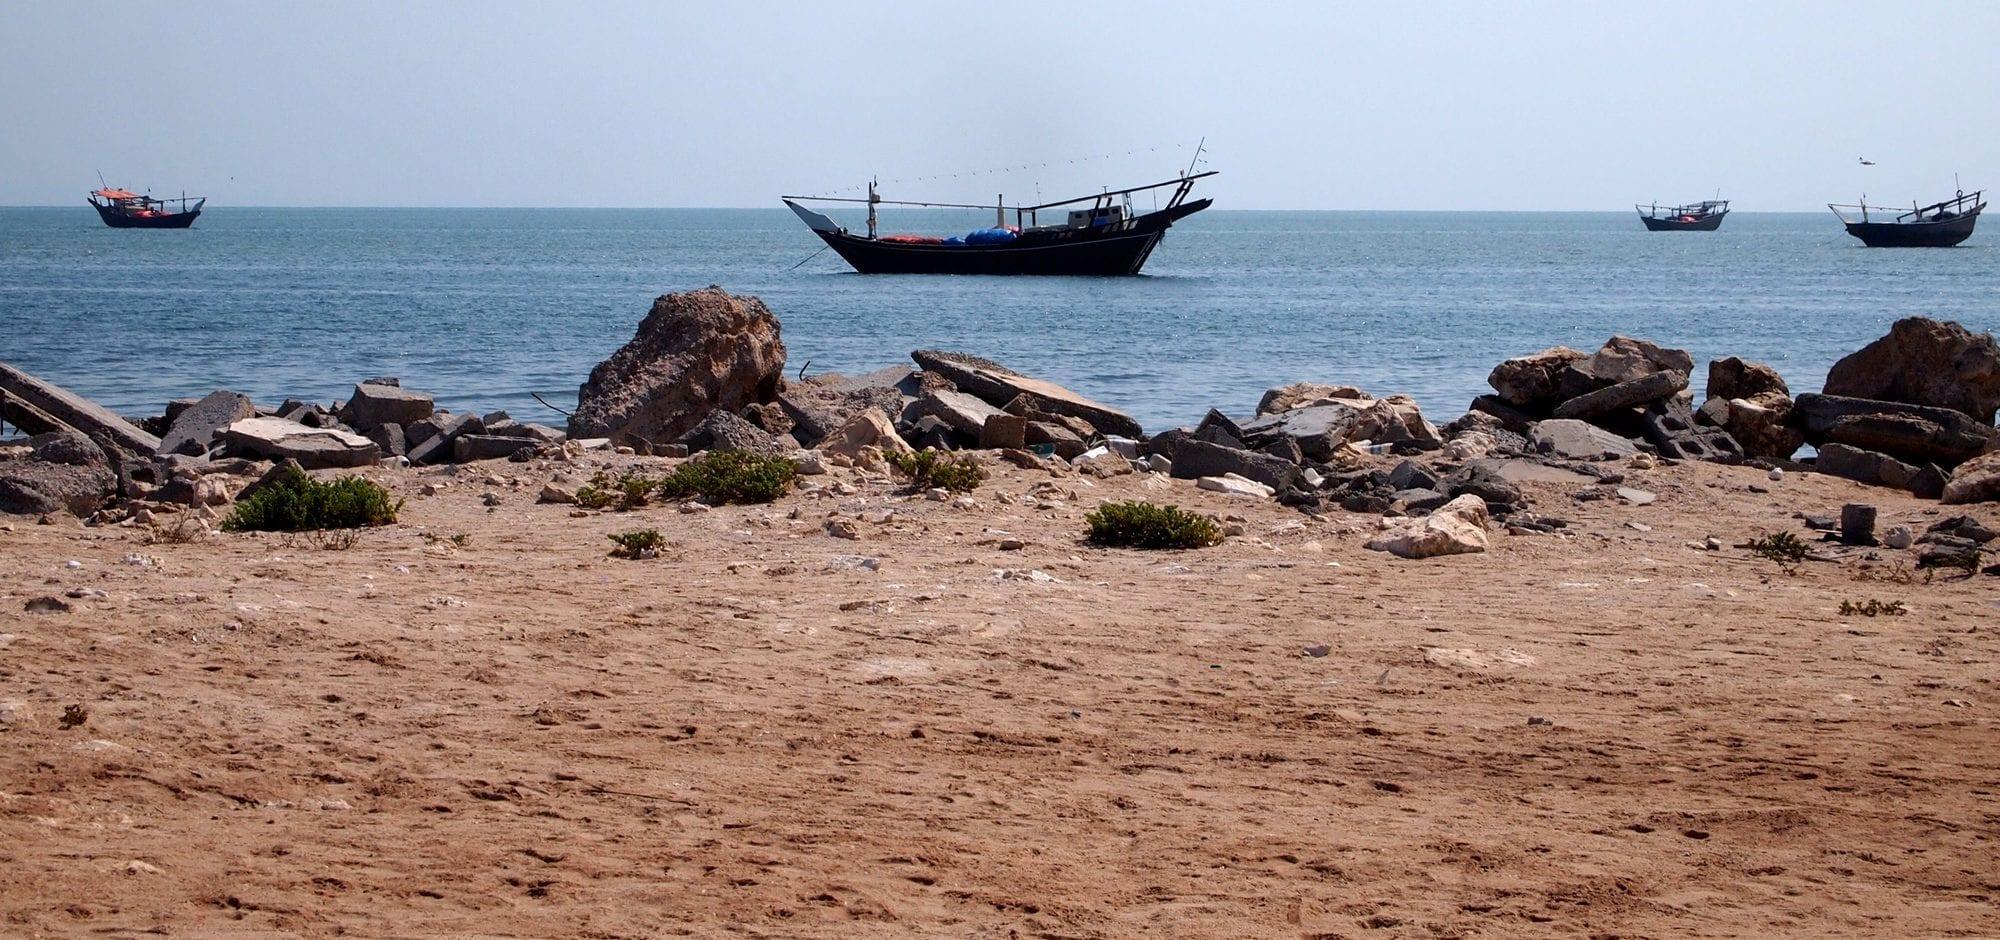 ولاية مصيرة في سلطنة عمان